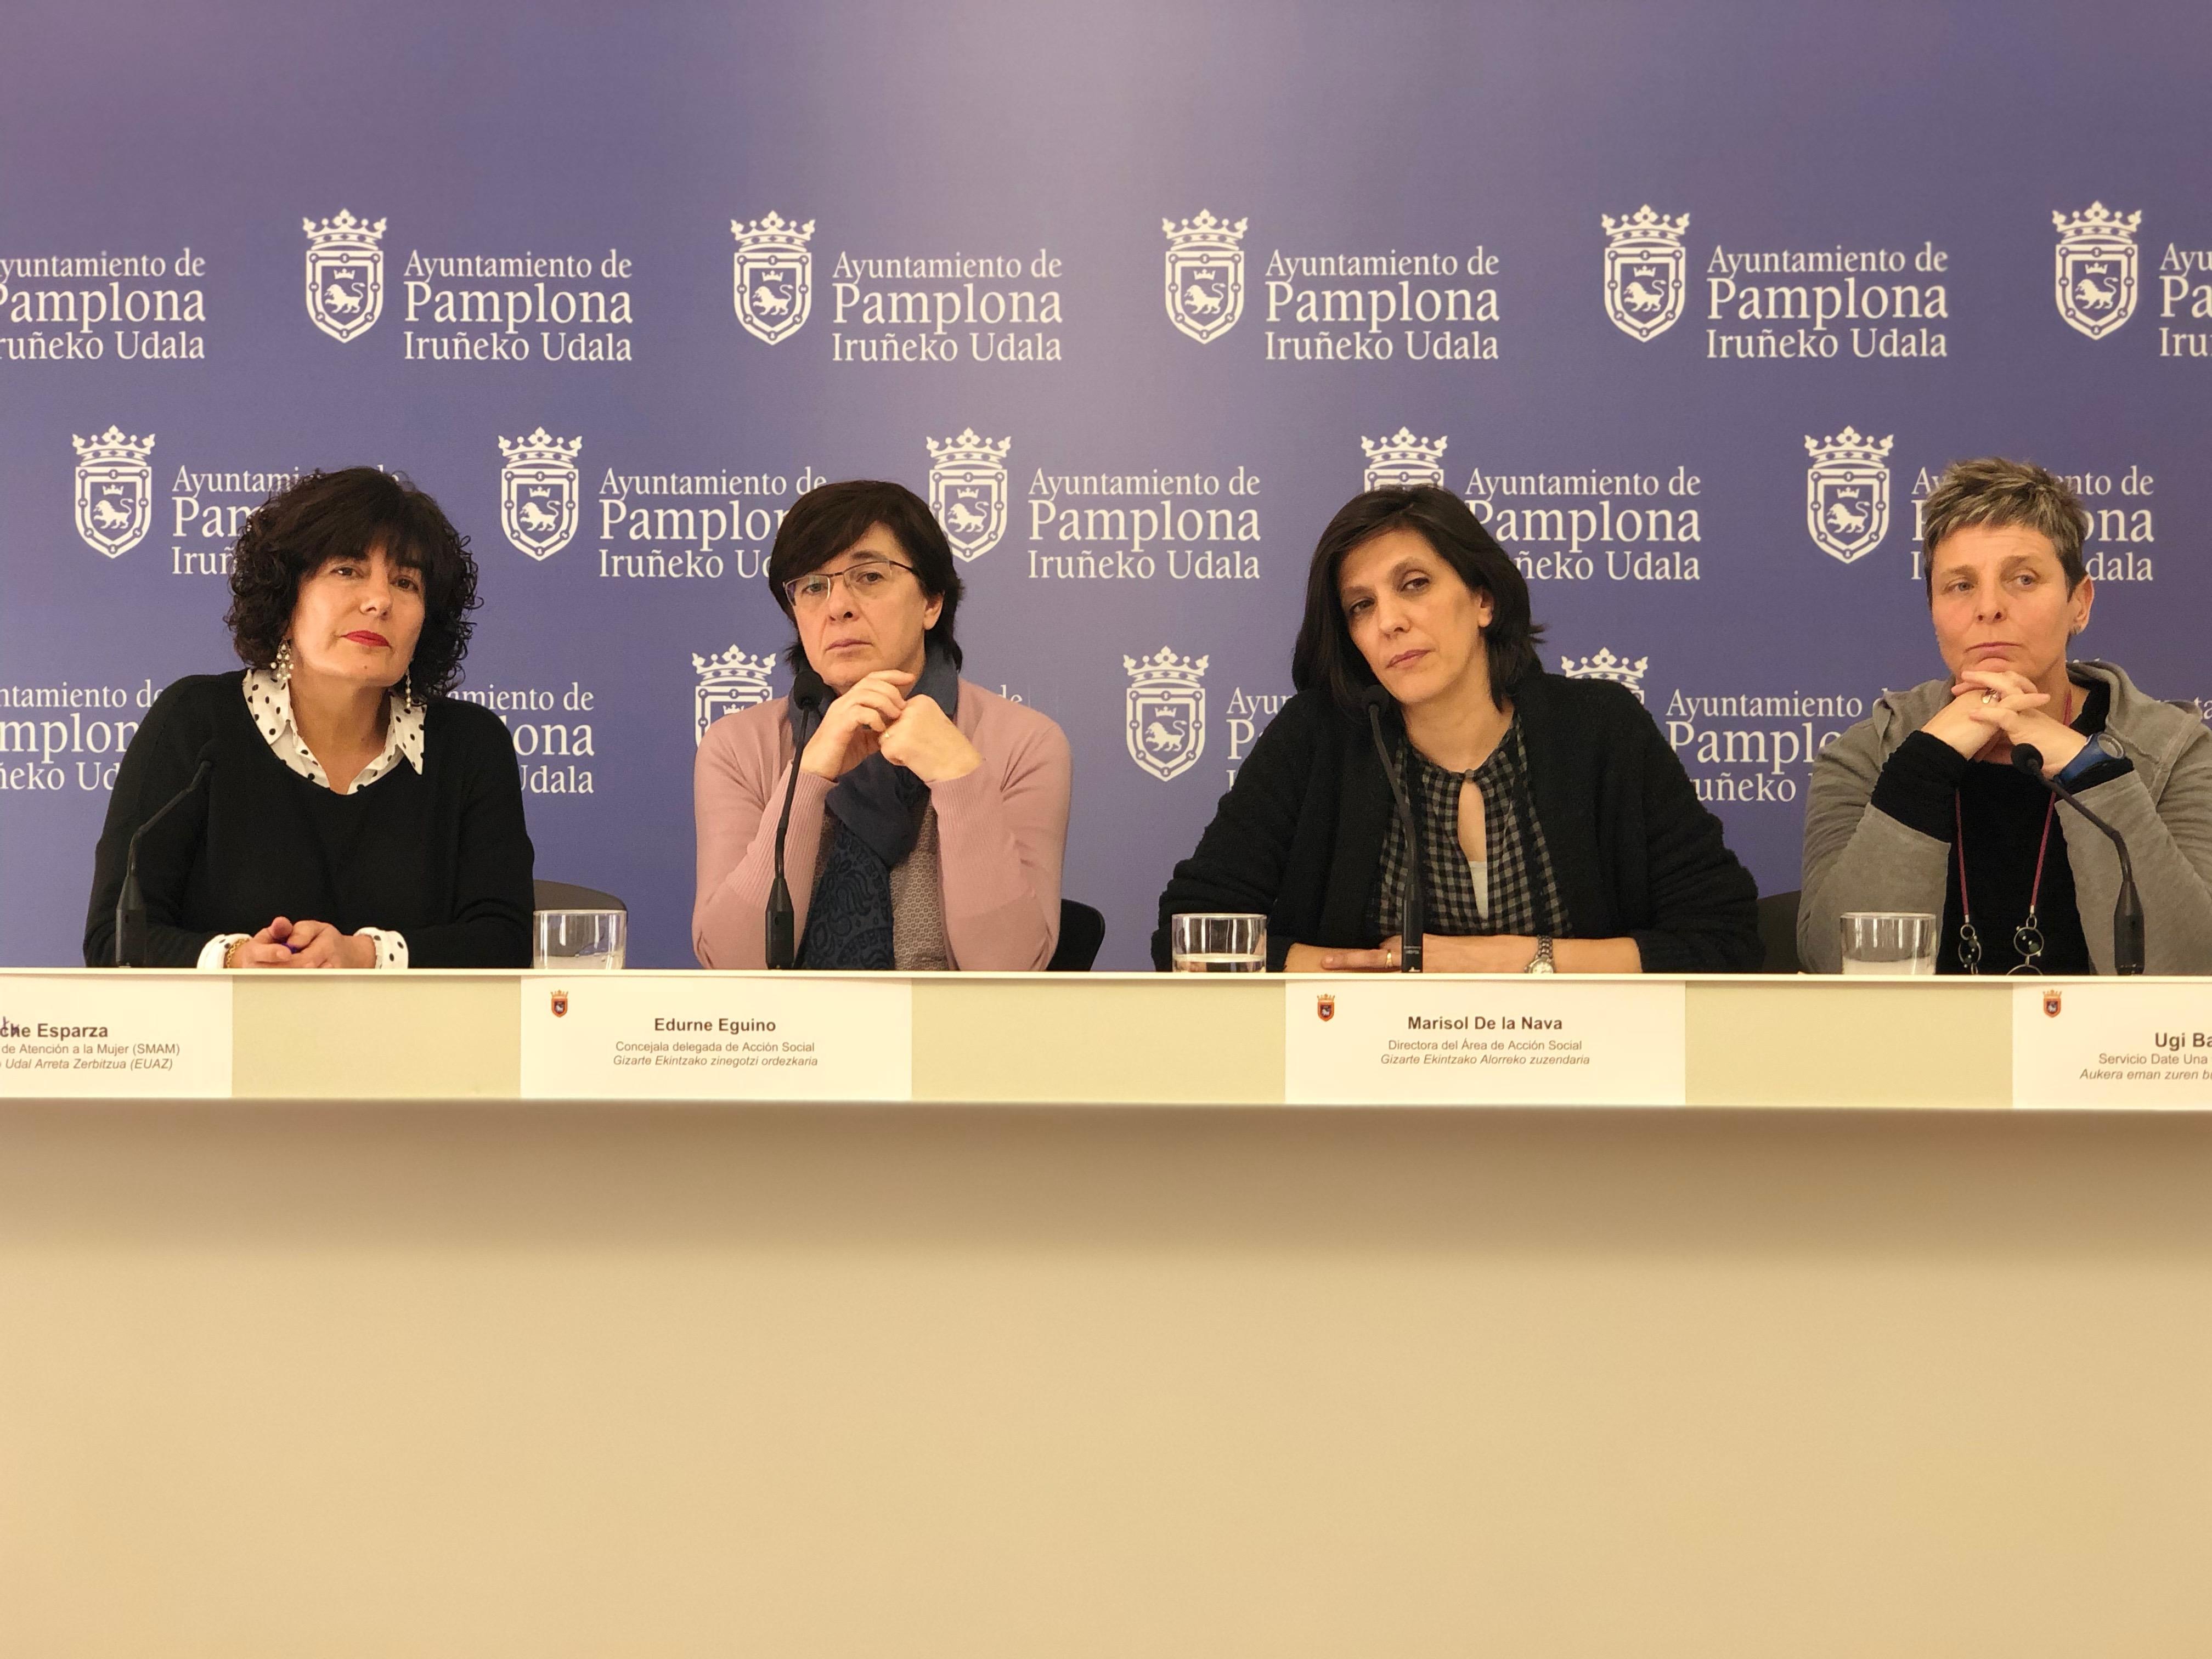 Edurne Eguino presenta iniciativas de Acción Social en prevención de violencia de genero.